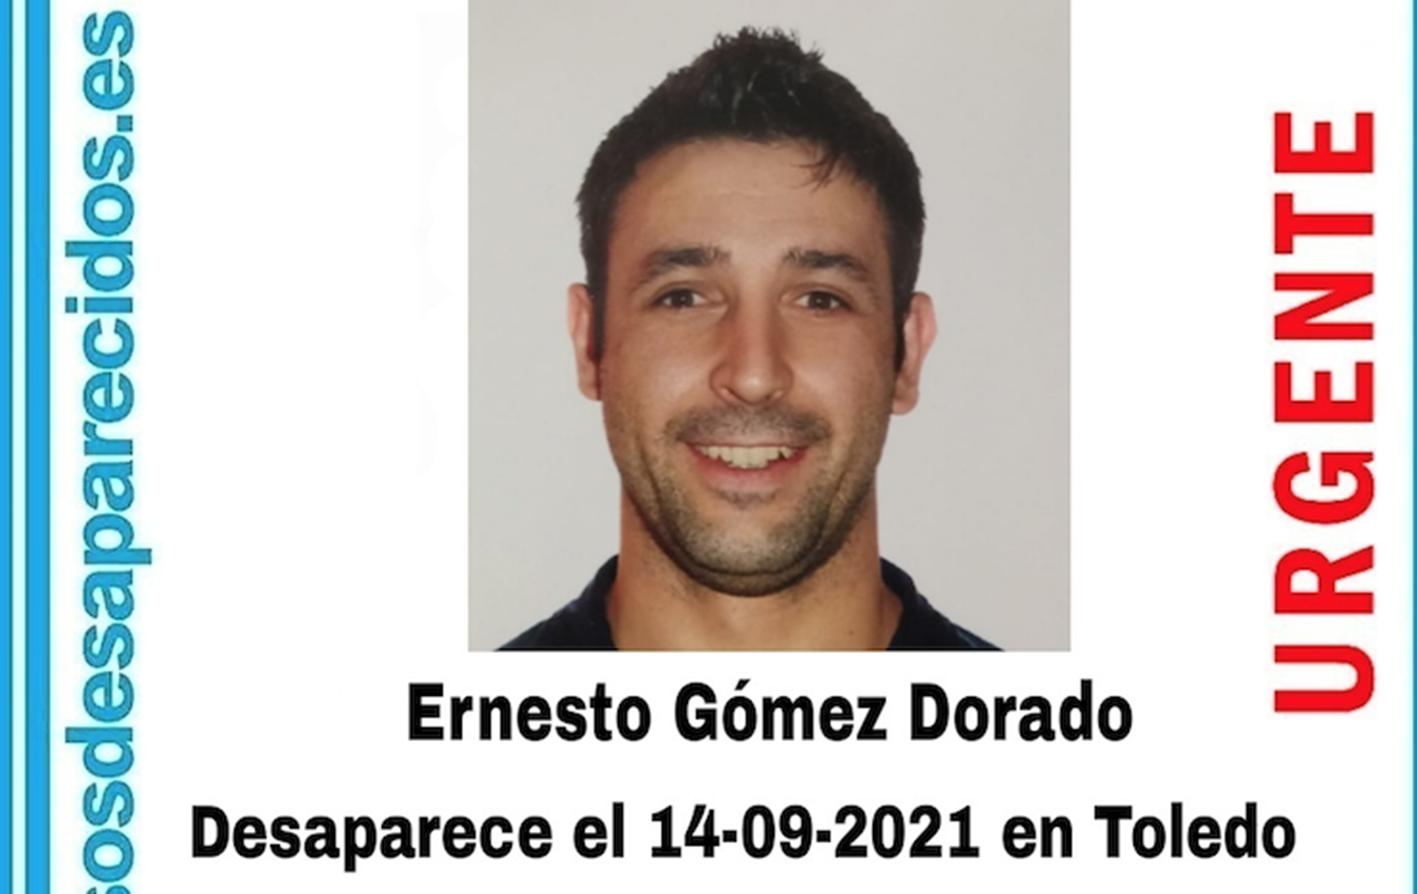 Ernesto Gómez Dorado desapareció el martes 14 en Toledo.